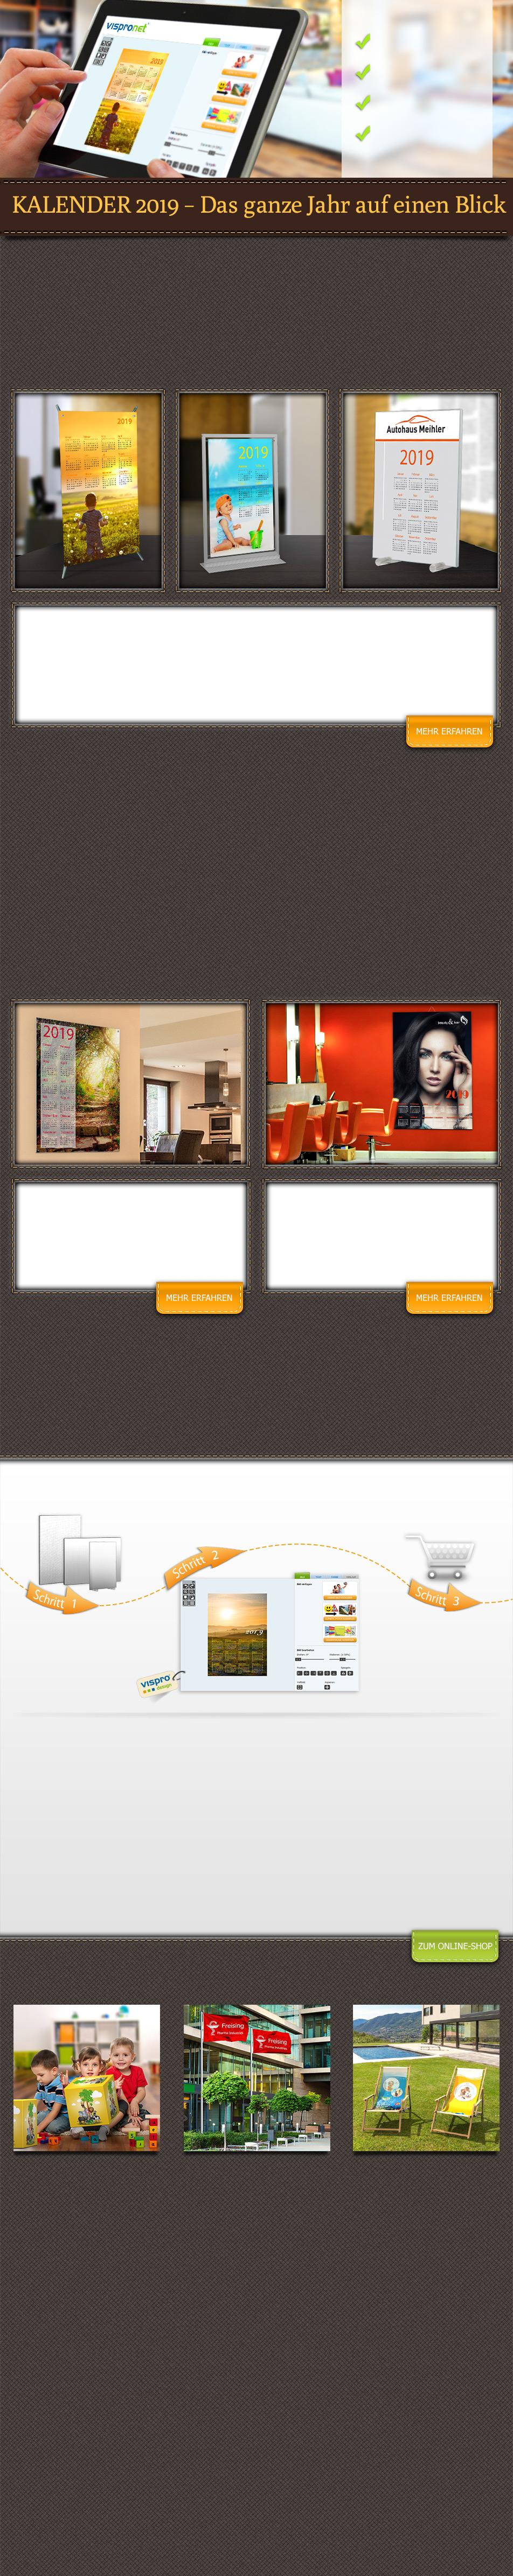 fotokalender selbst gestalten tisch wandkalender kaufen. Black Bedroom Furniture Sets. Home Design Ideas